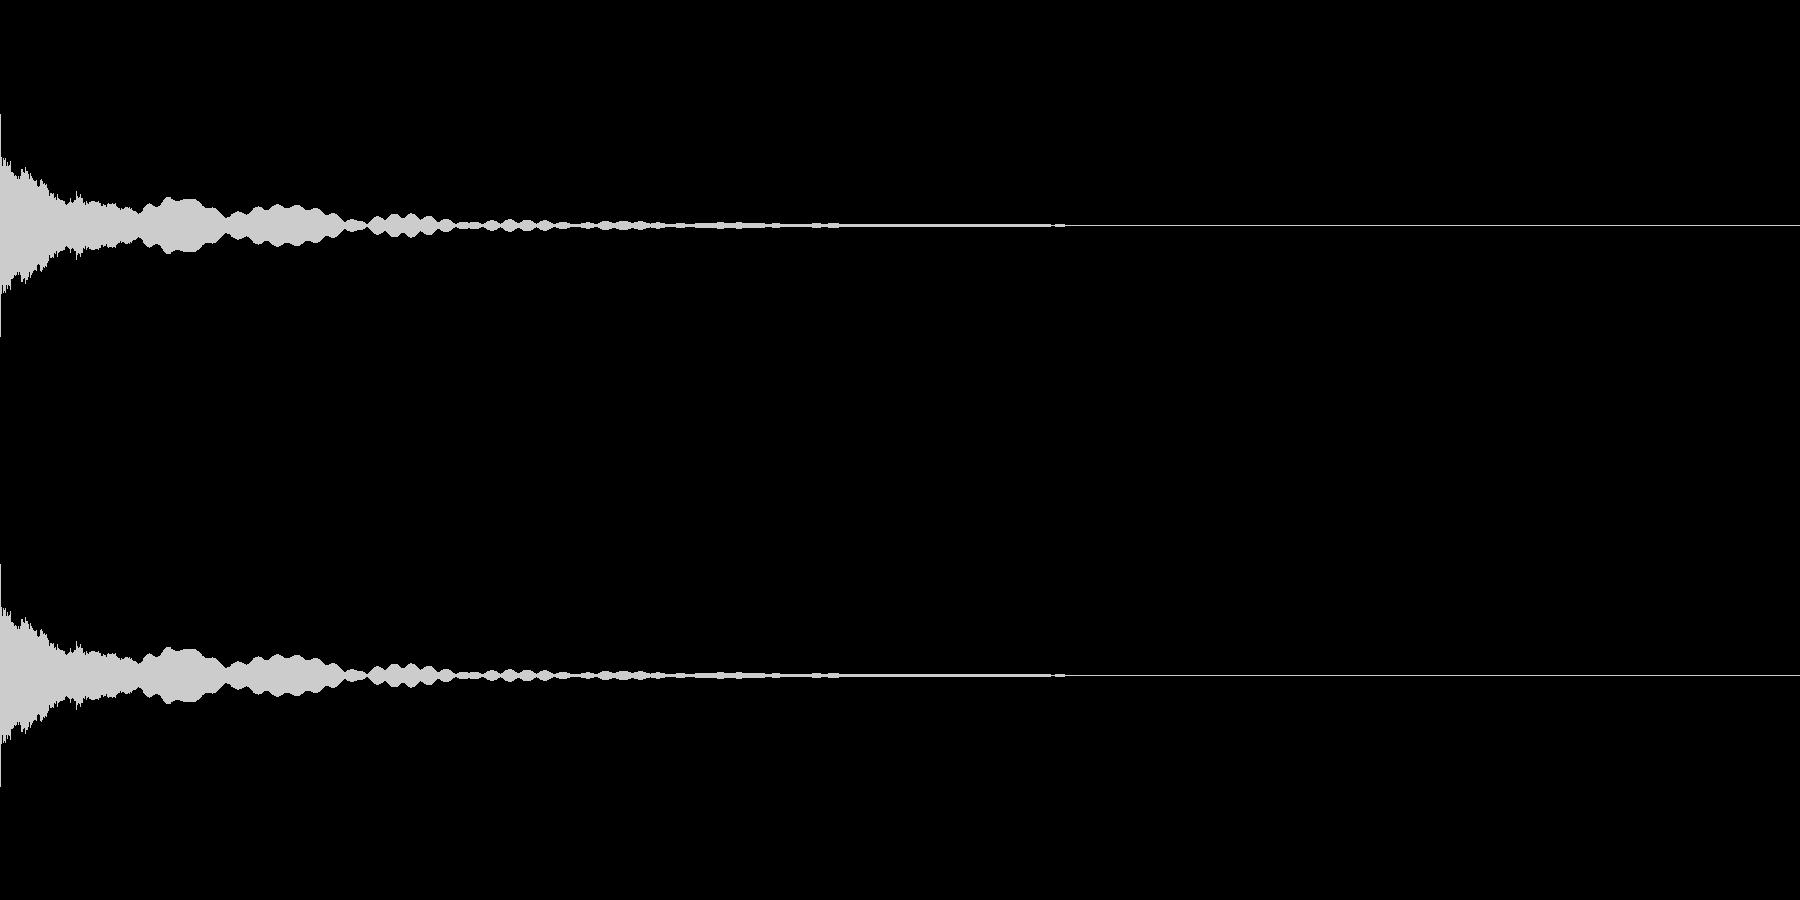 小さいベル。チリーン。の未再生の波形